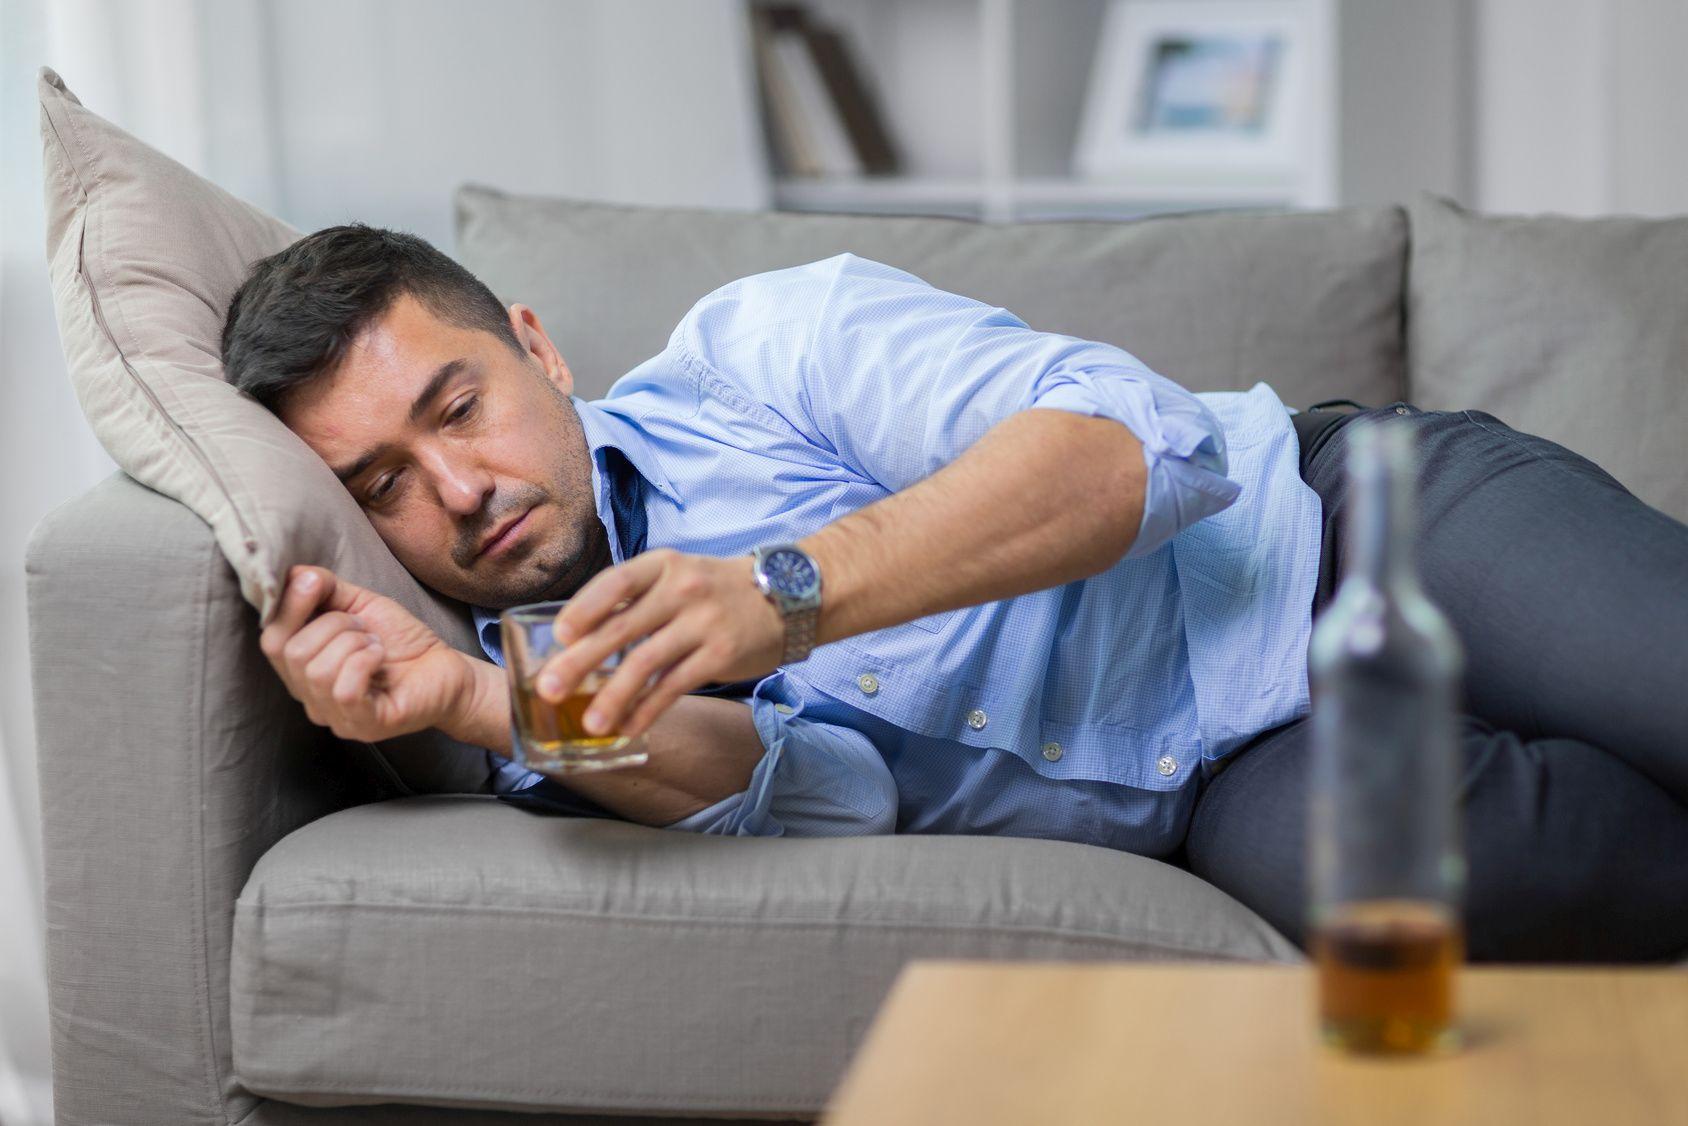 siedem znaków, że umawiasz się z uzależnionym od seksu